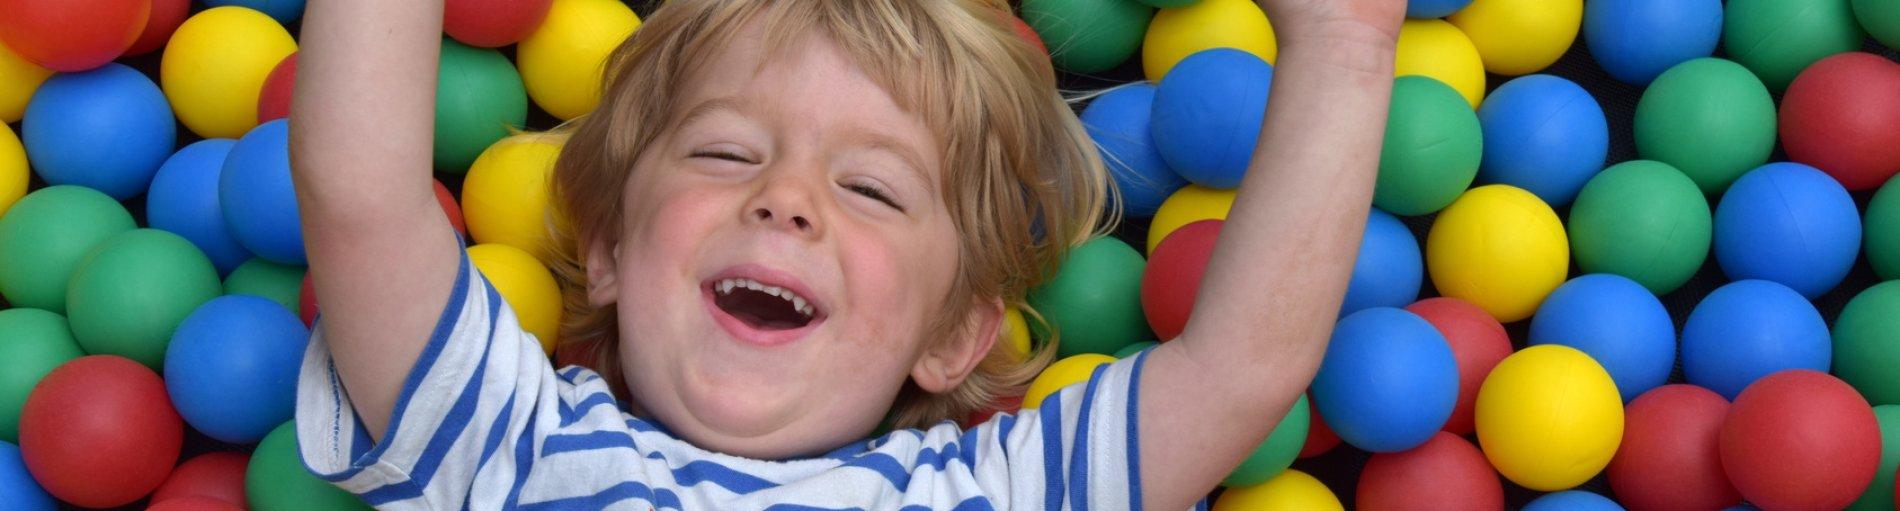 Kleiner Junge spielt im Bällebad (Foto: Fotolia / Berty)